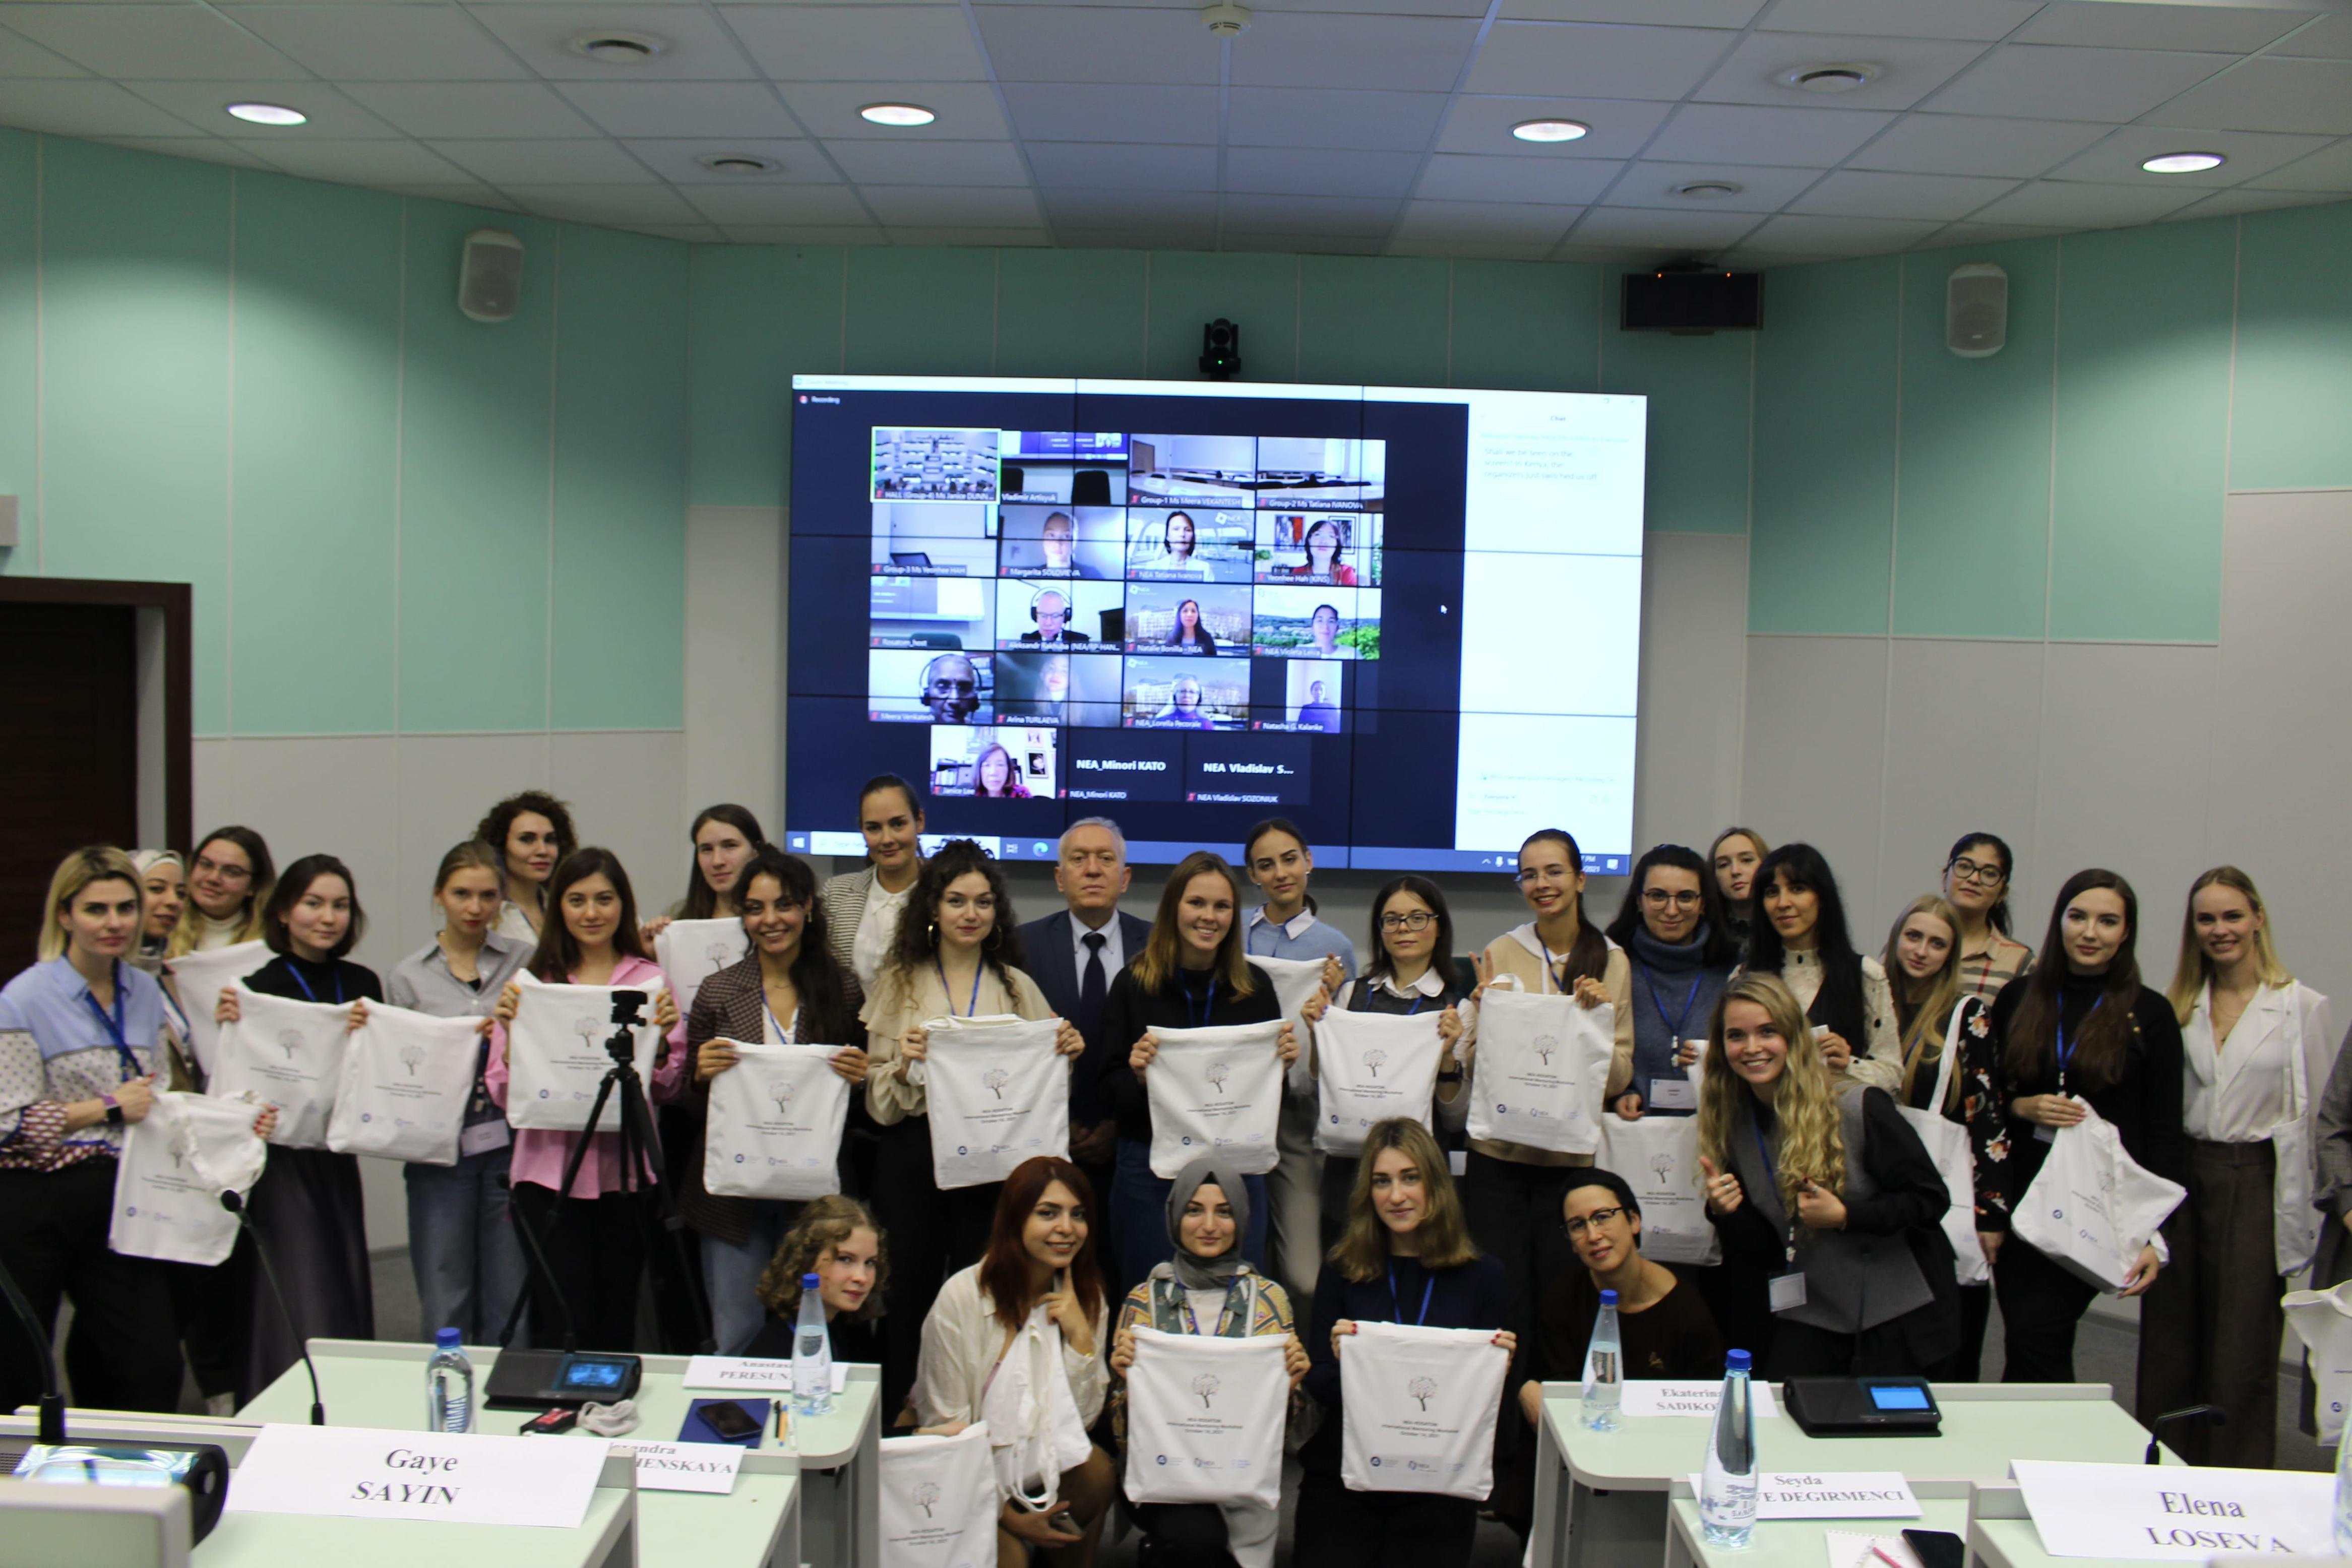 Представительницы Технической академии Росатома приняли участие в Евразийском женском форуме